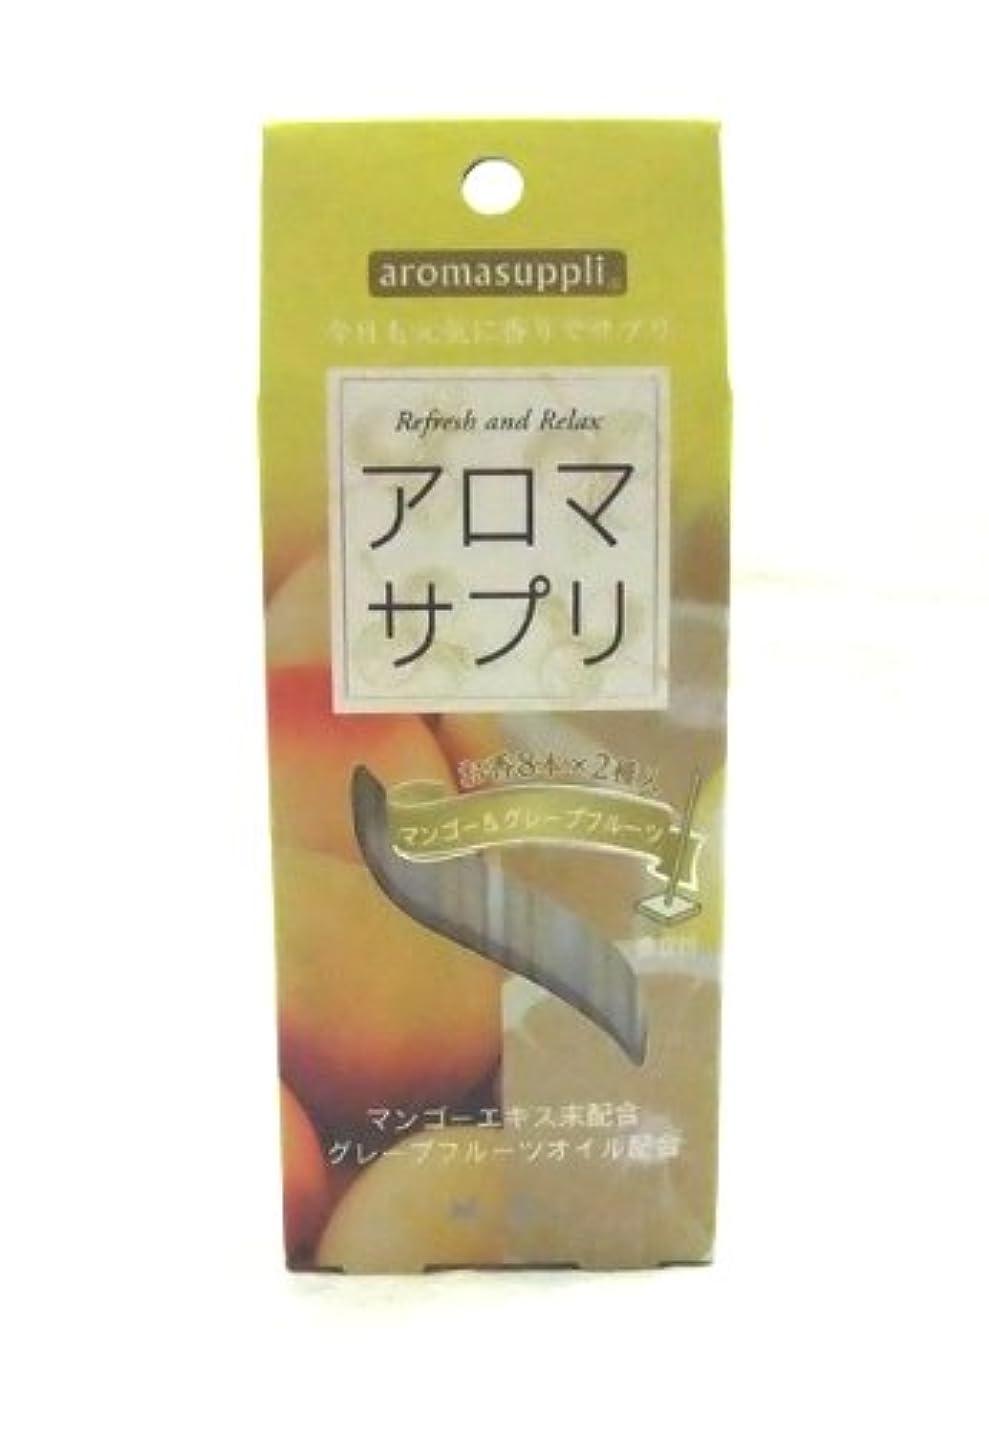 ボアレビュー摩擦お香 アロマサプリ<マンゴー&グレープフルーツ> 2種類の香り×各8本入 香立付